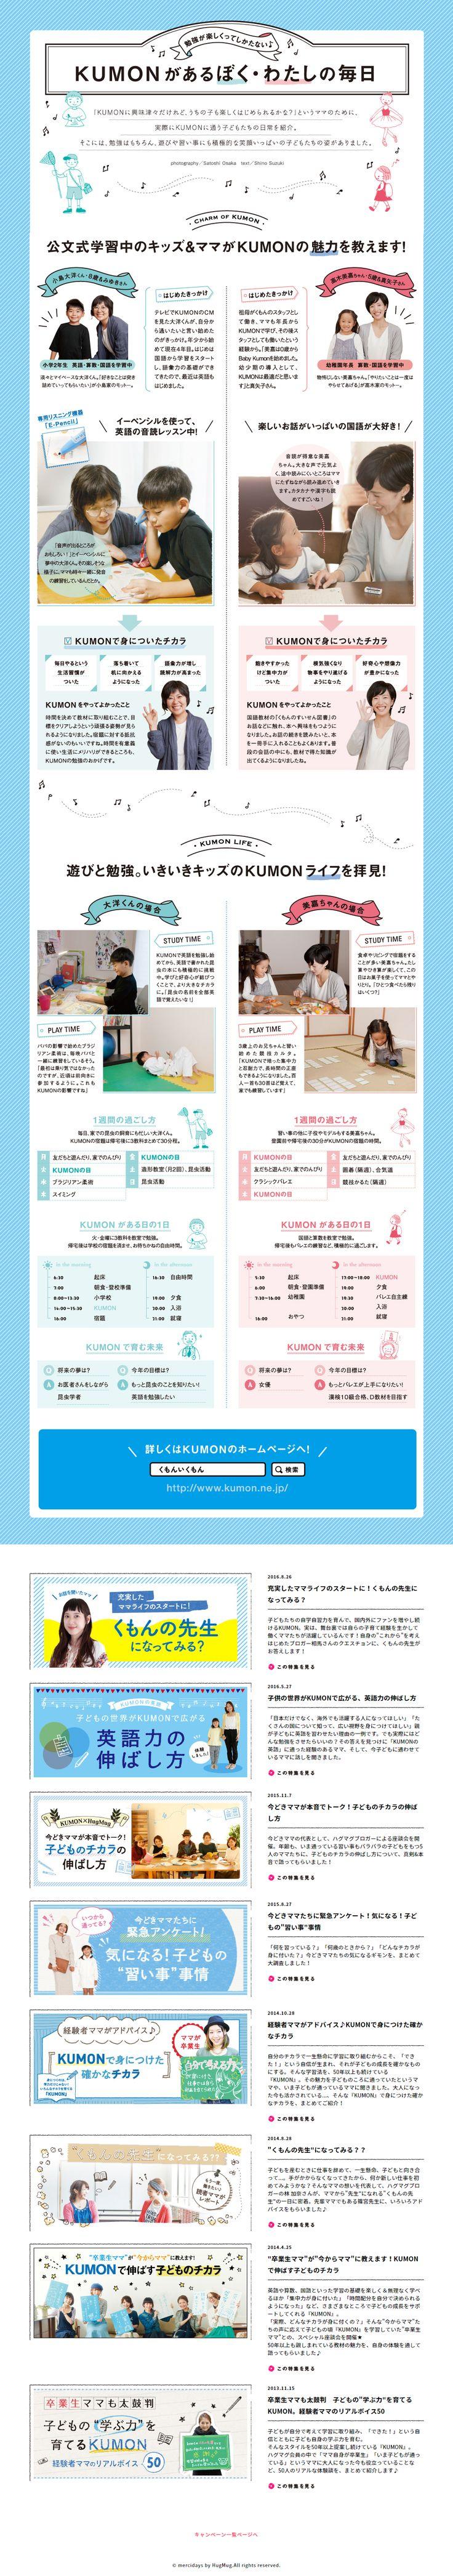 KUMONがあるぼく・わたしの毎日|WEBデザイナーさん必見!ランディングページのデザイン参考に(かわいい系)